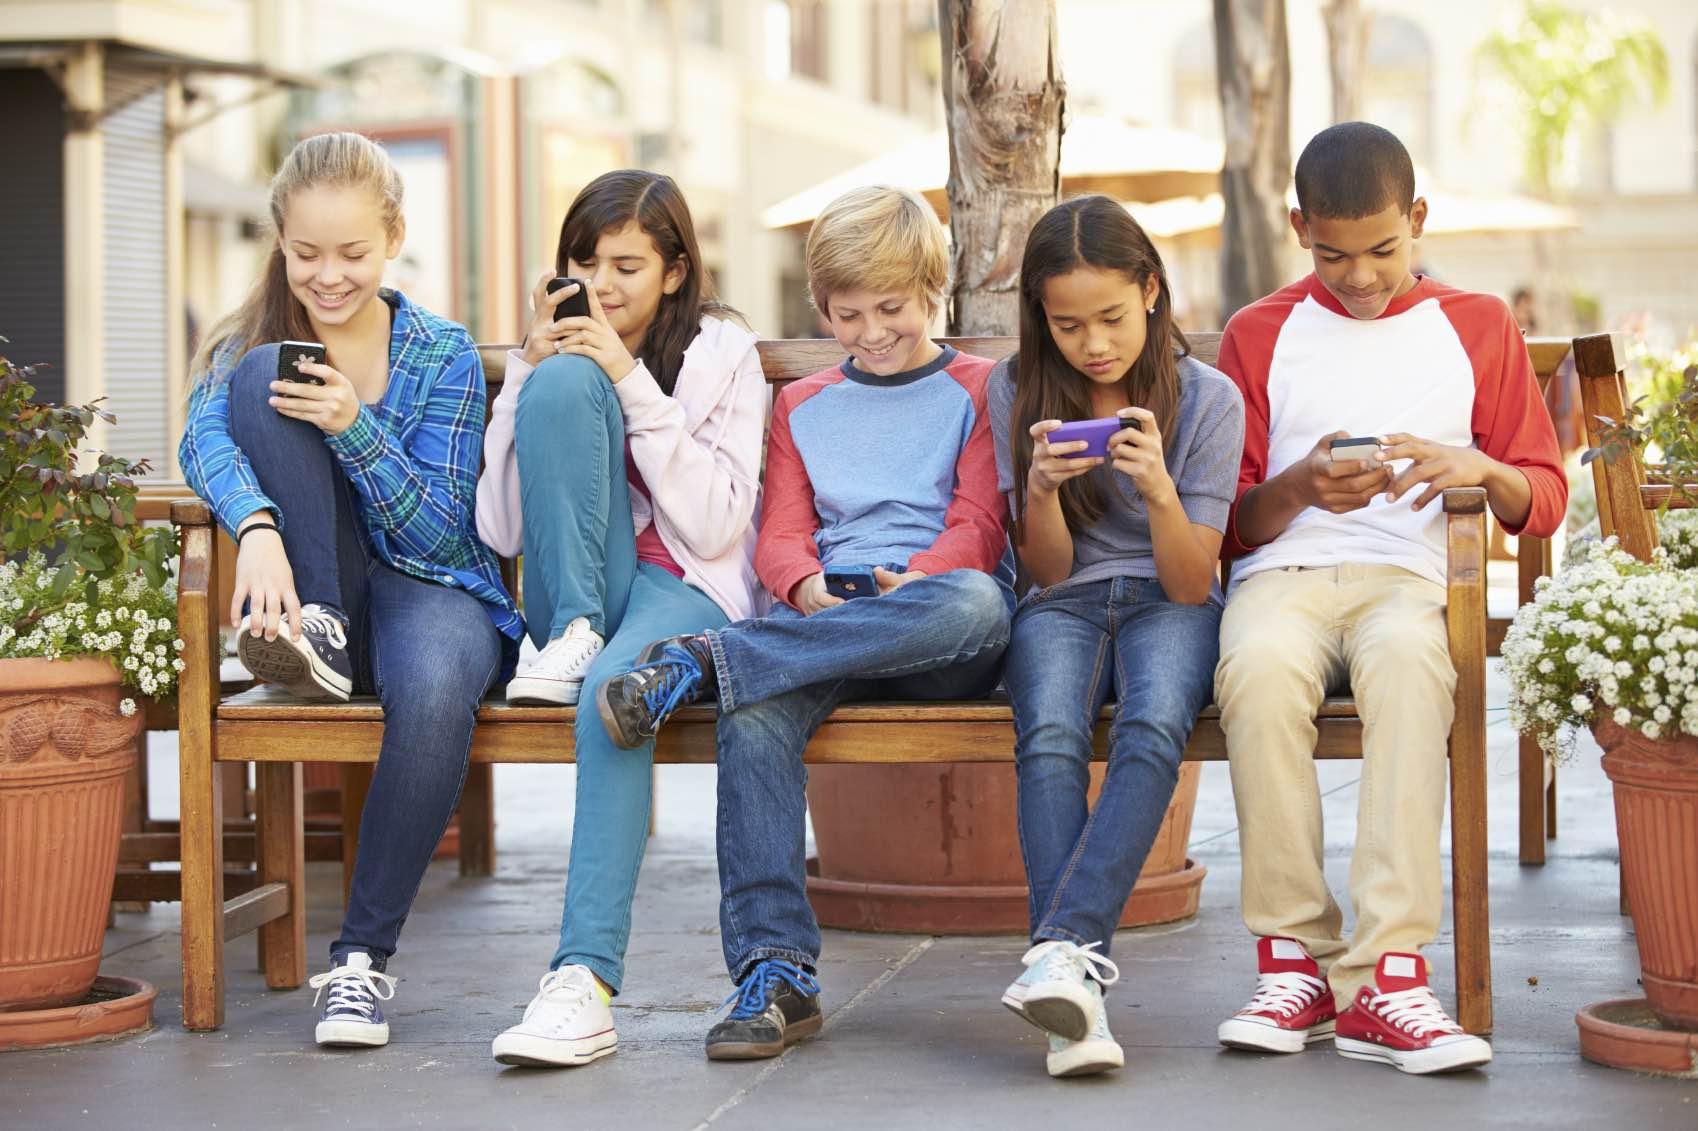 Smartphones, Smart Kids, Smart Leaders